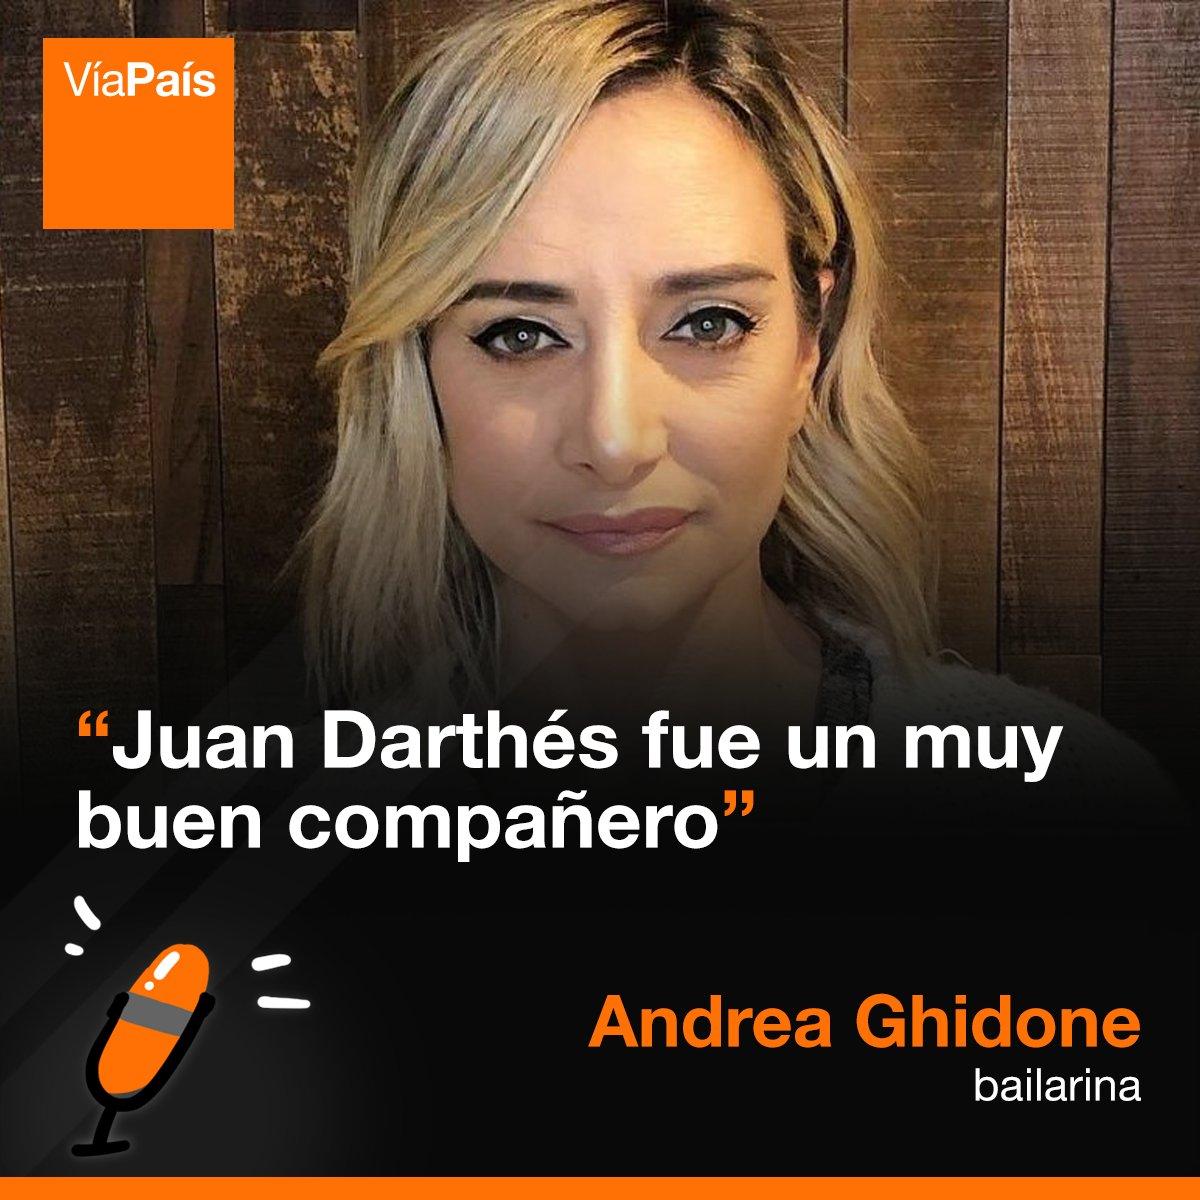 Vía Córdoba's photo on Andrea Ghidone